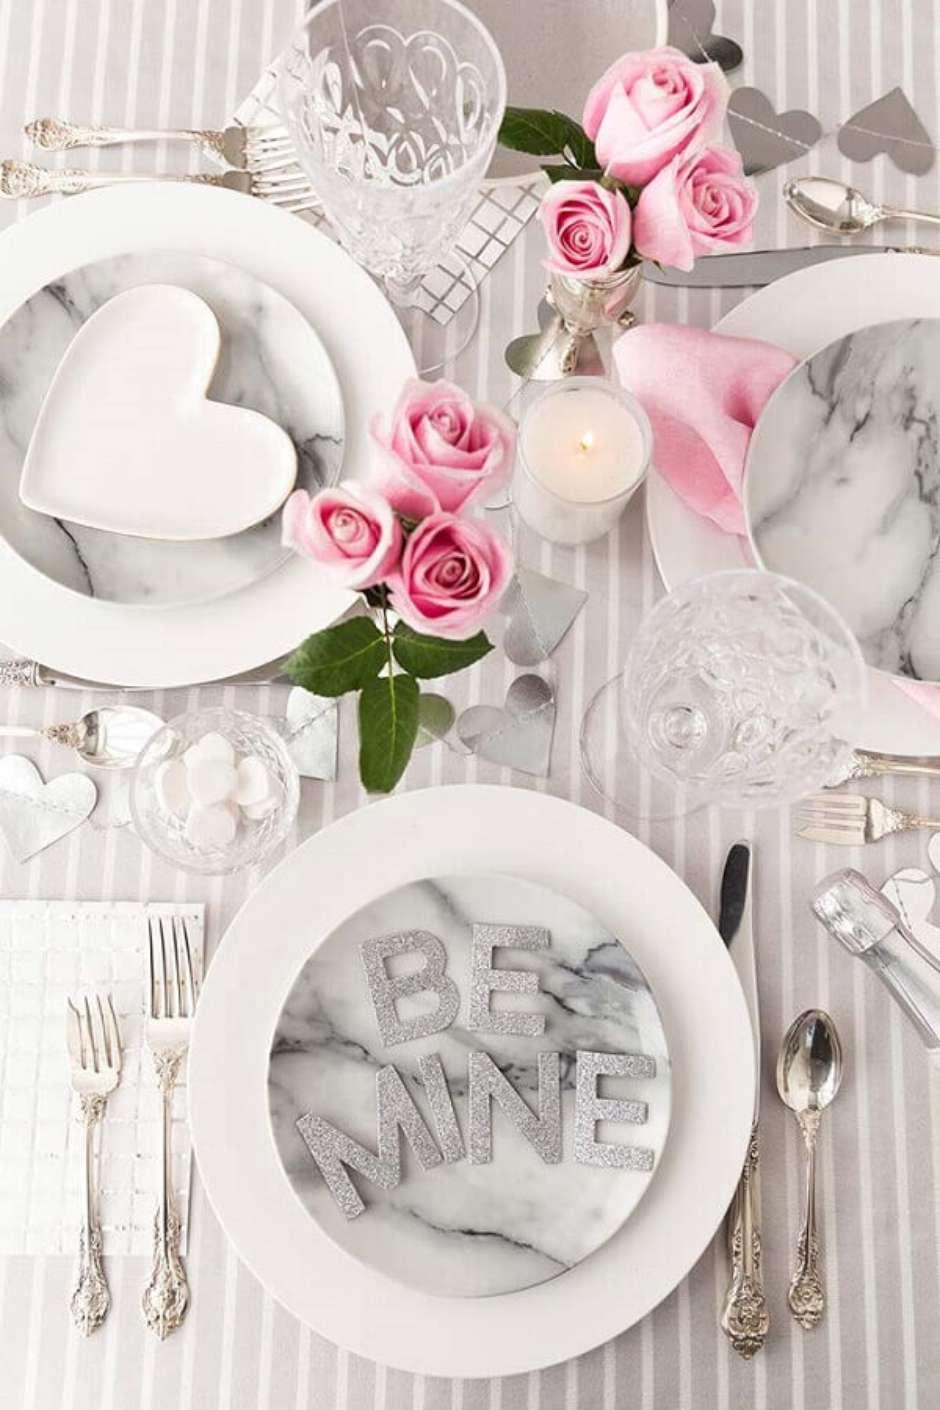 Mesa posta para refeição romântica